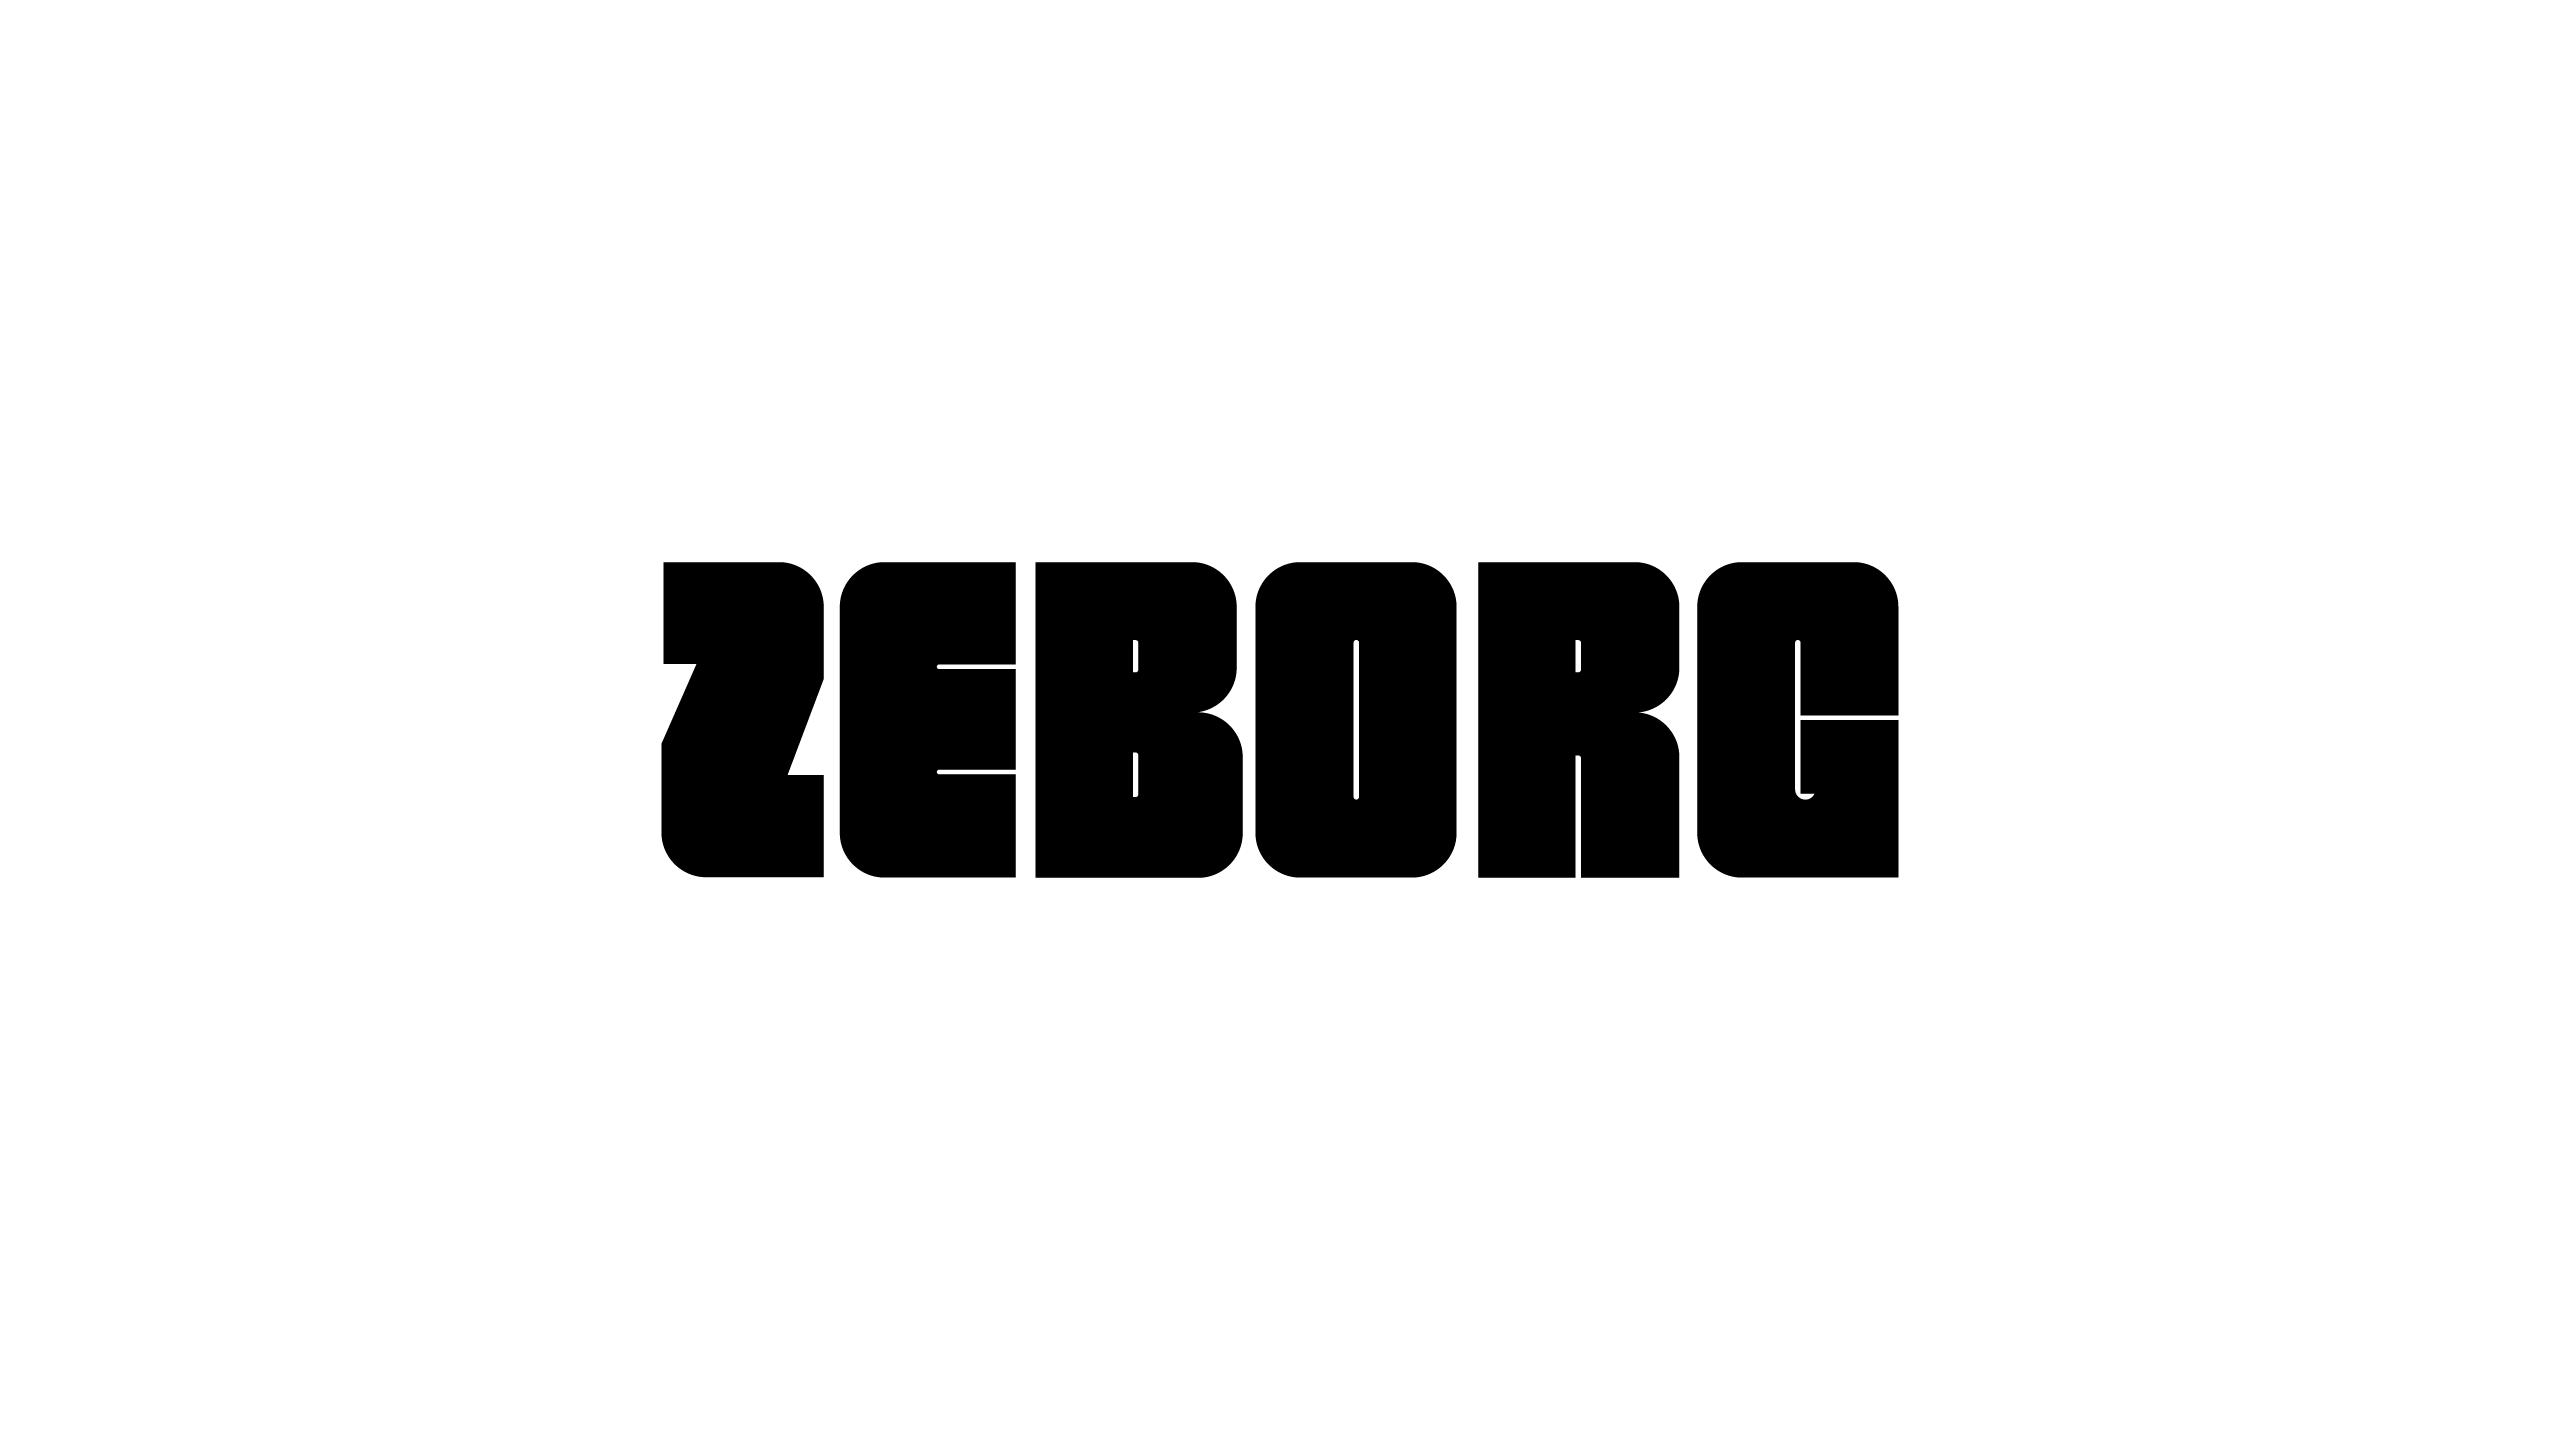 Zeborg logo